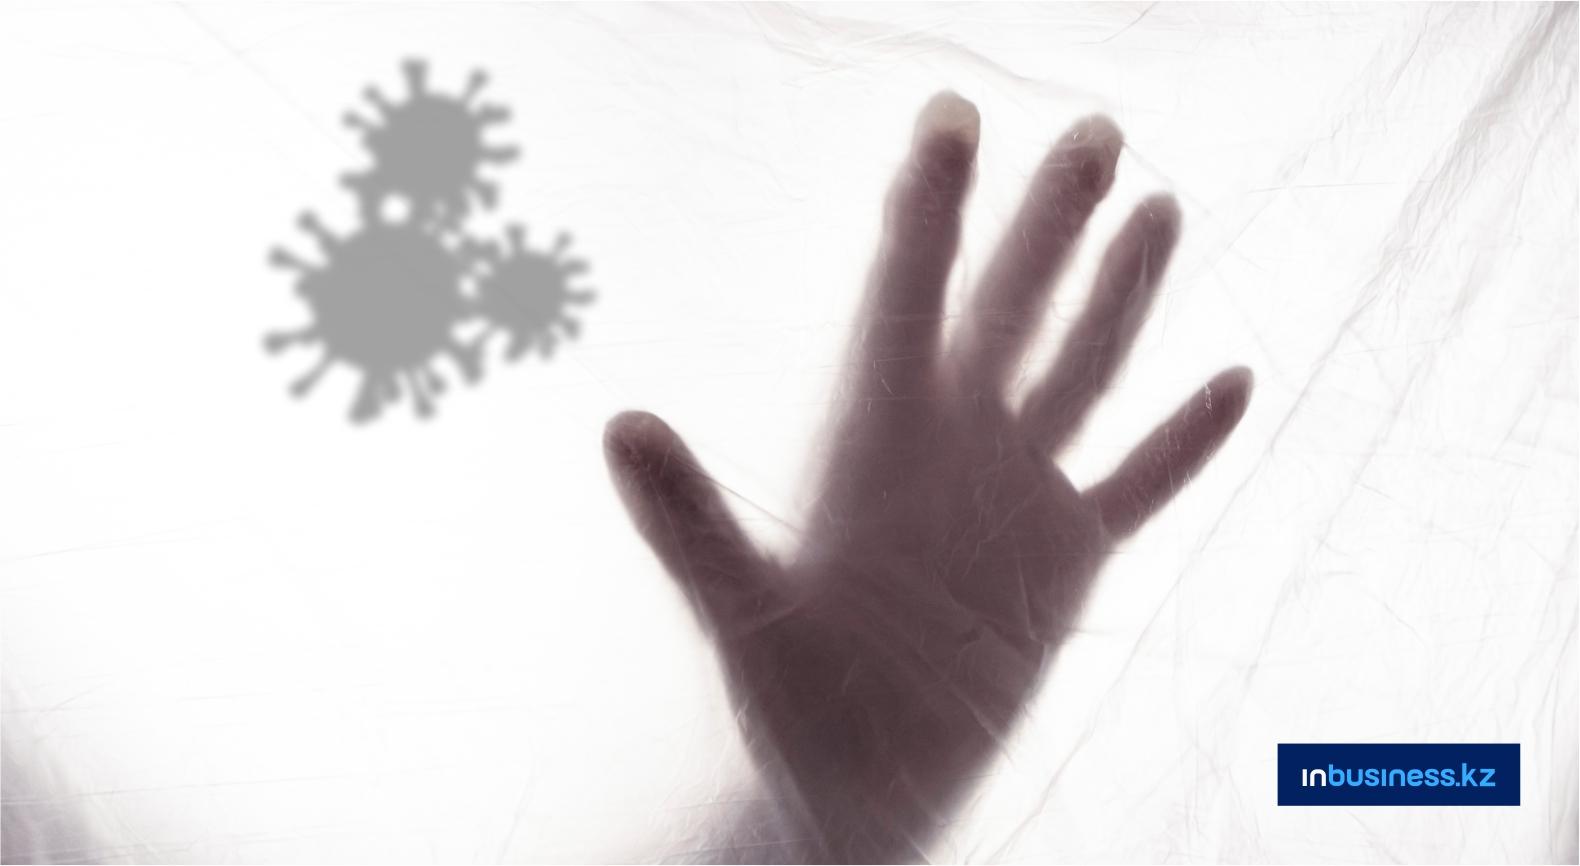 Минздрав РК опубликовал данные о тяжелых пациентах